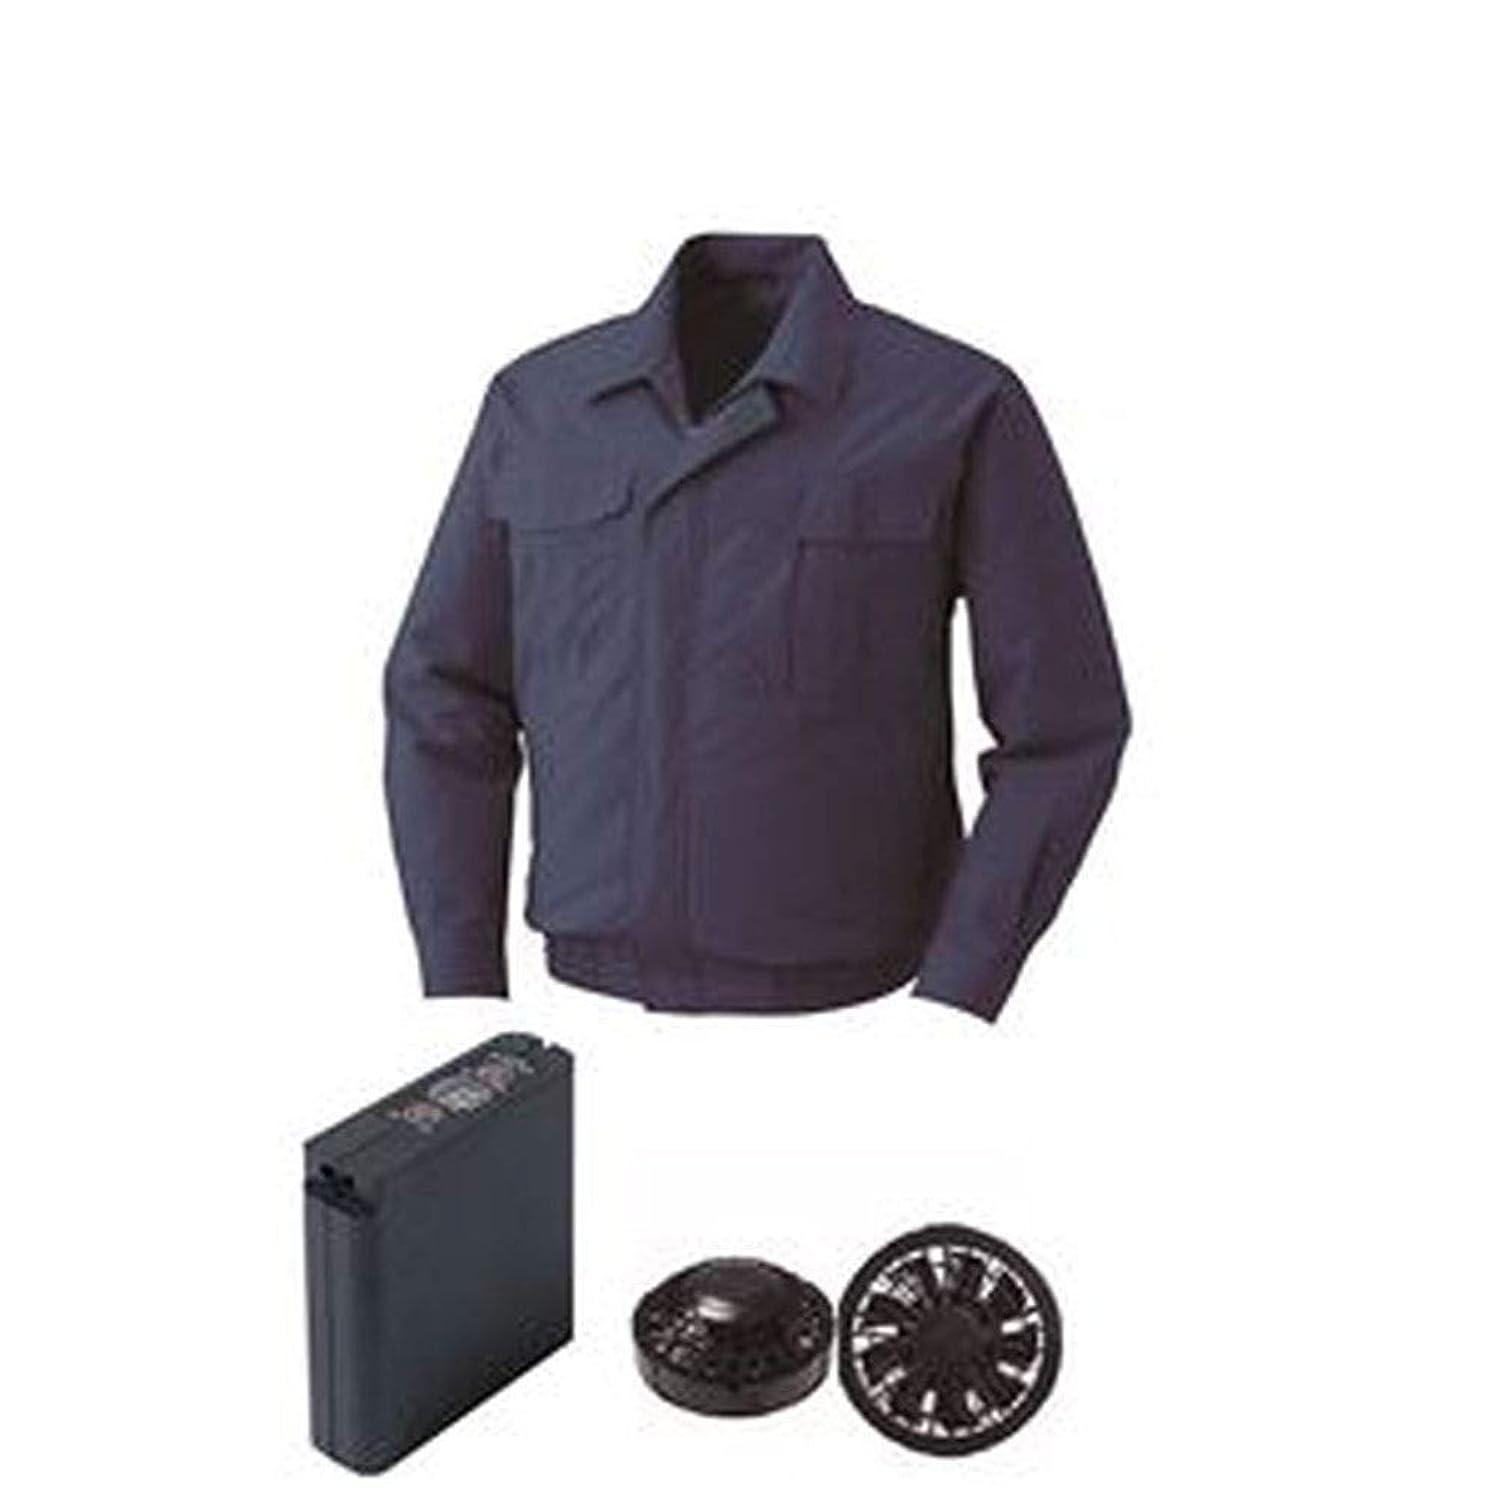 見落とす忌み嫌うベッドを作る空調服/綿薄手ワーク空調服/大容量バッテリーセット/ファンカラー:ブラック / 0550B22C14S1 / - カラー:ダークブルー/サイズ:S / -